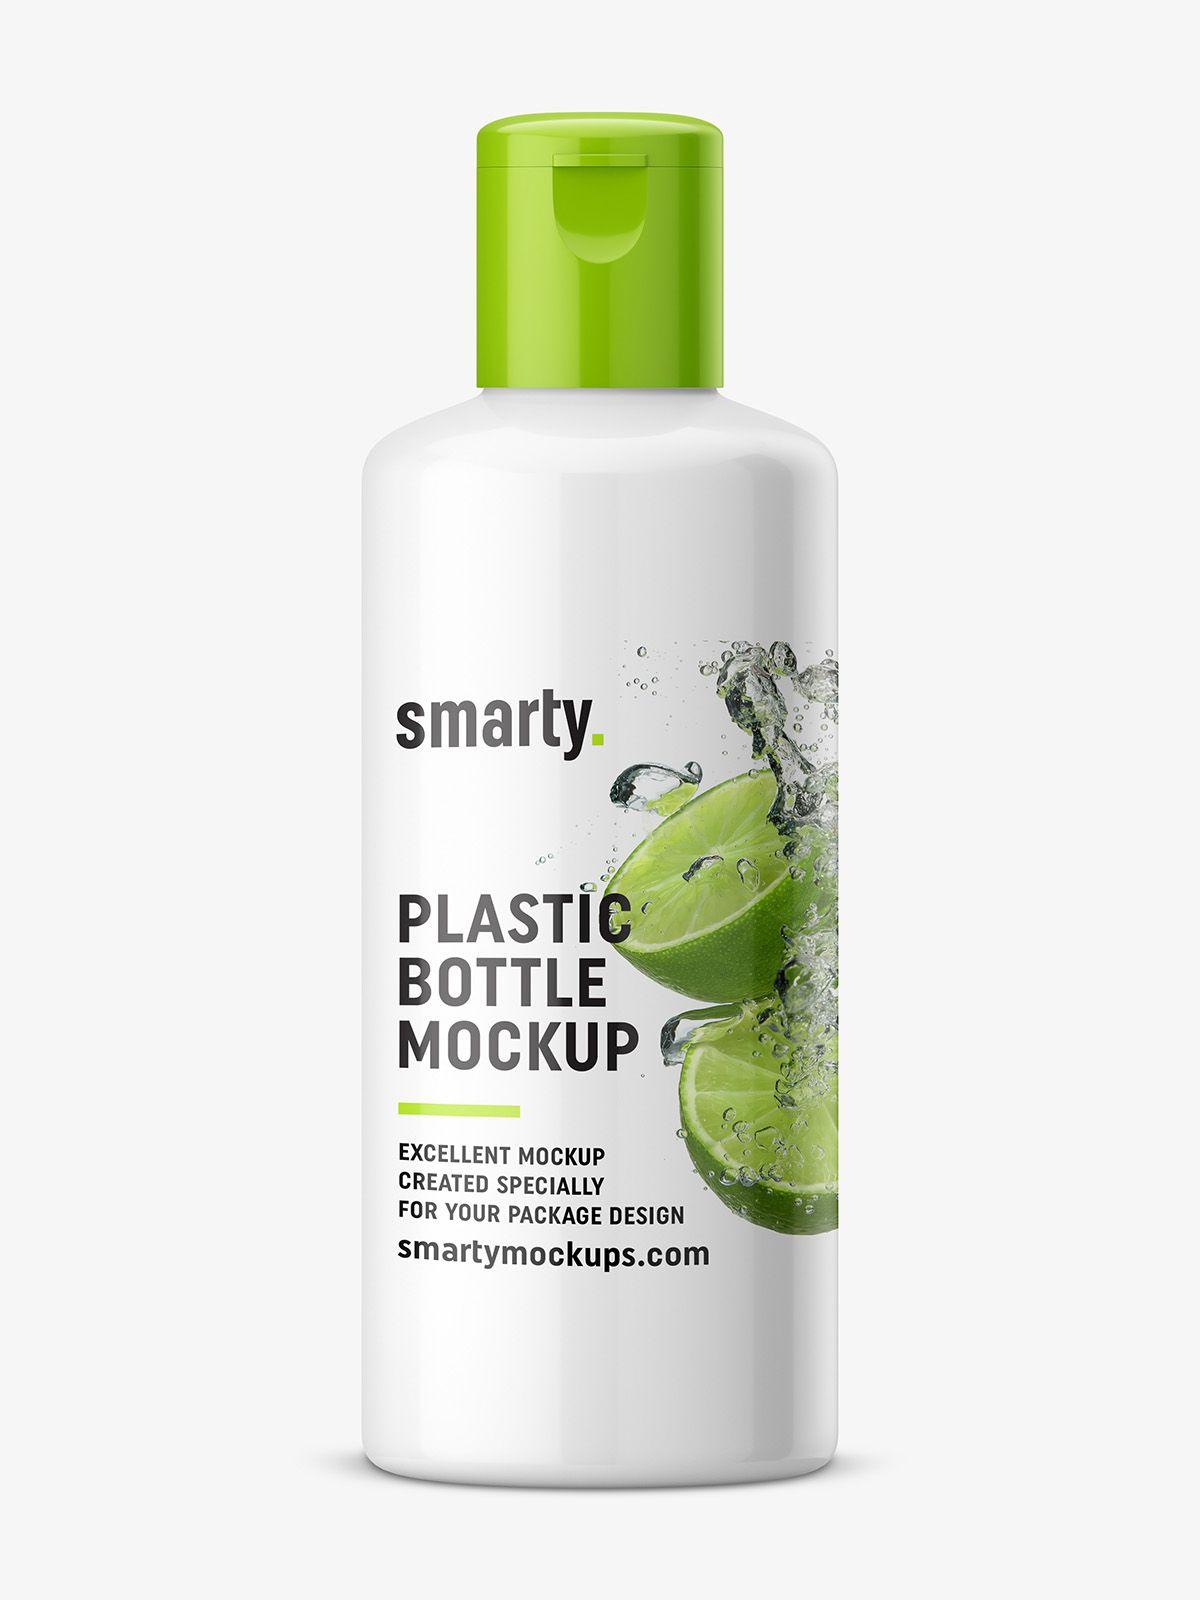 Glossy Plastic Bottle Mockup Bottle Bottle Mockup Plastic Bottles